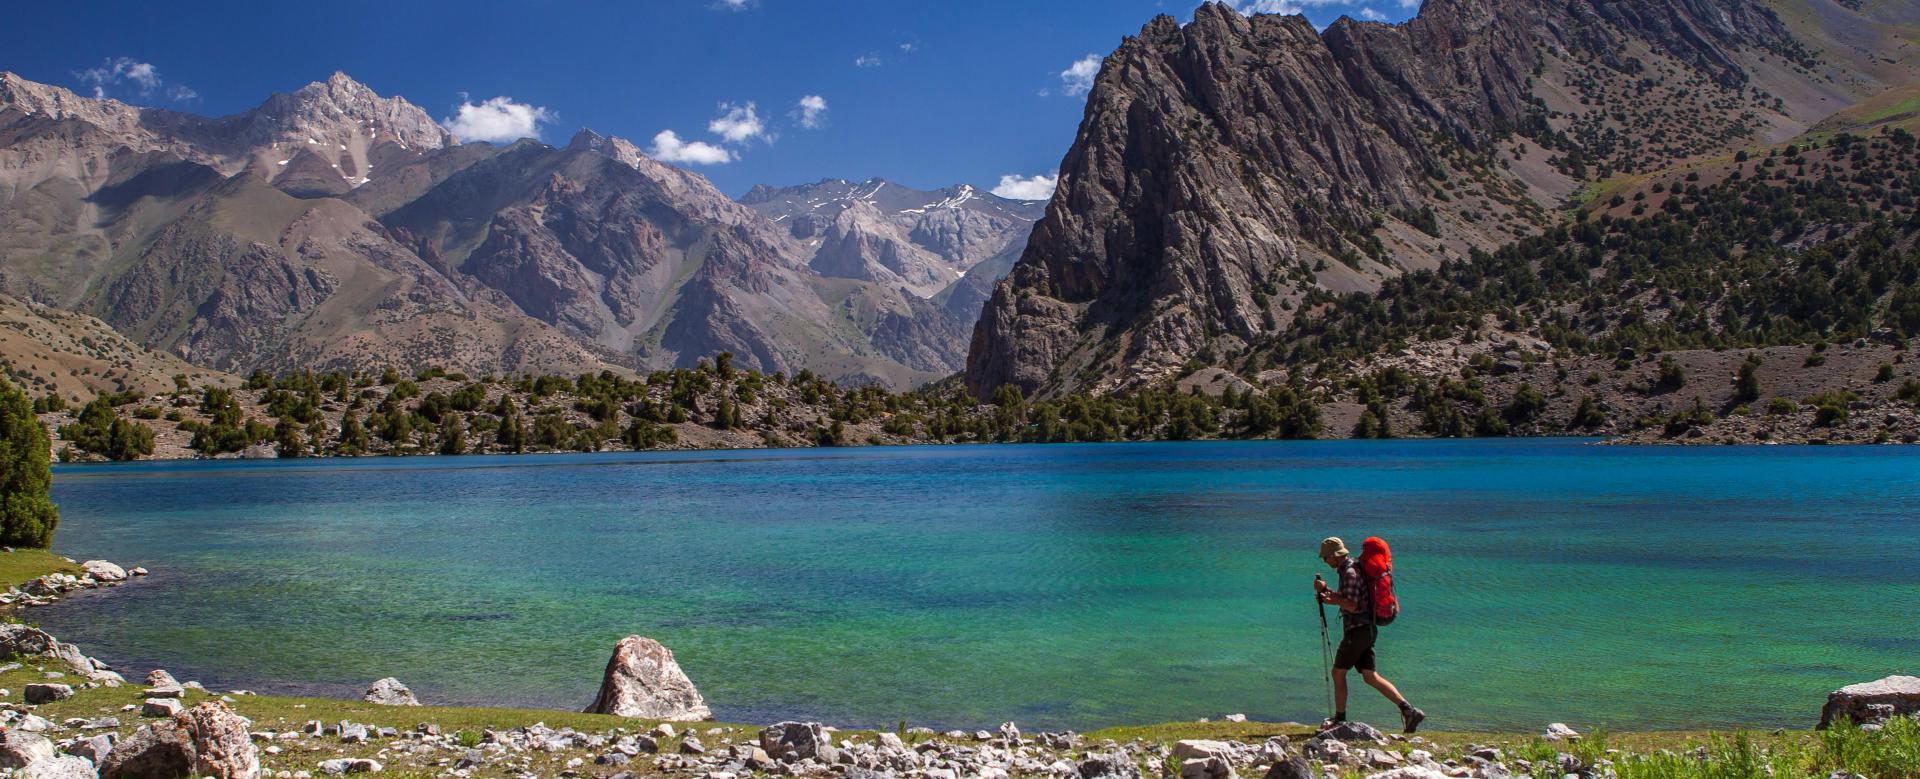 Voyage à pied : Monts et merveilles d'orient